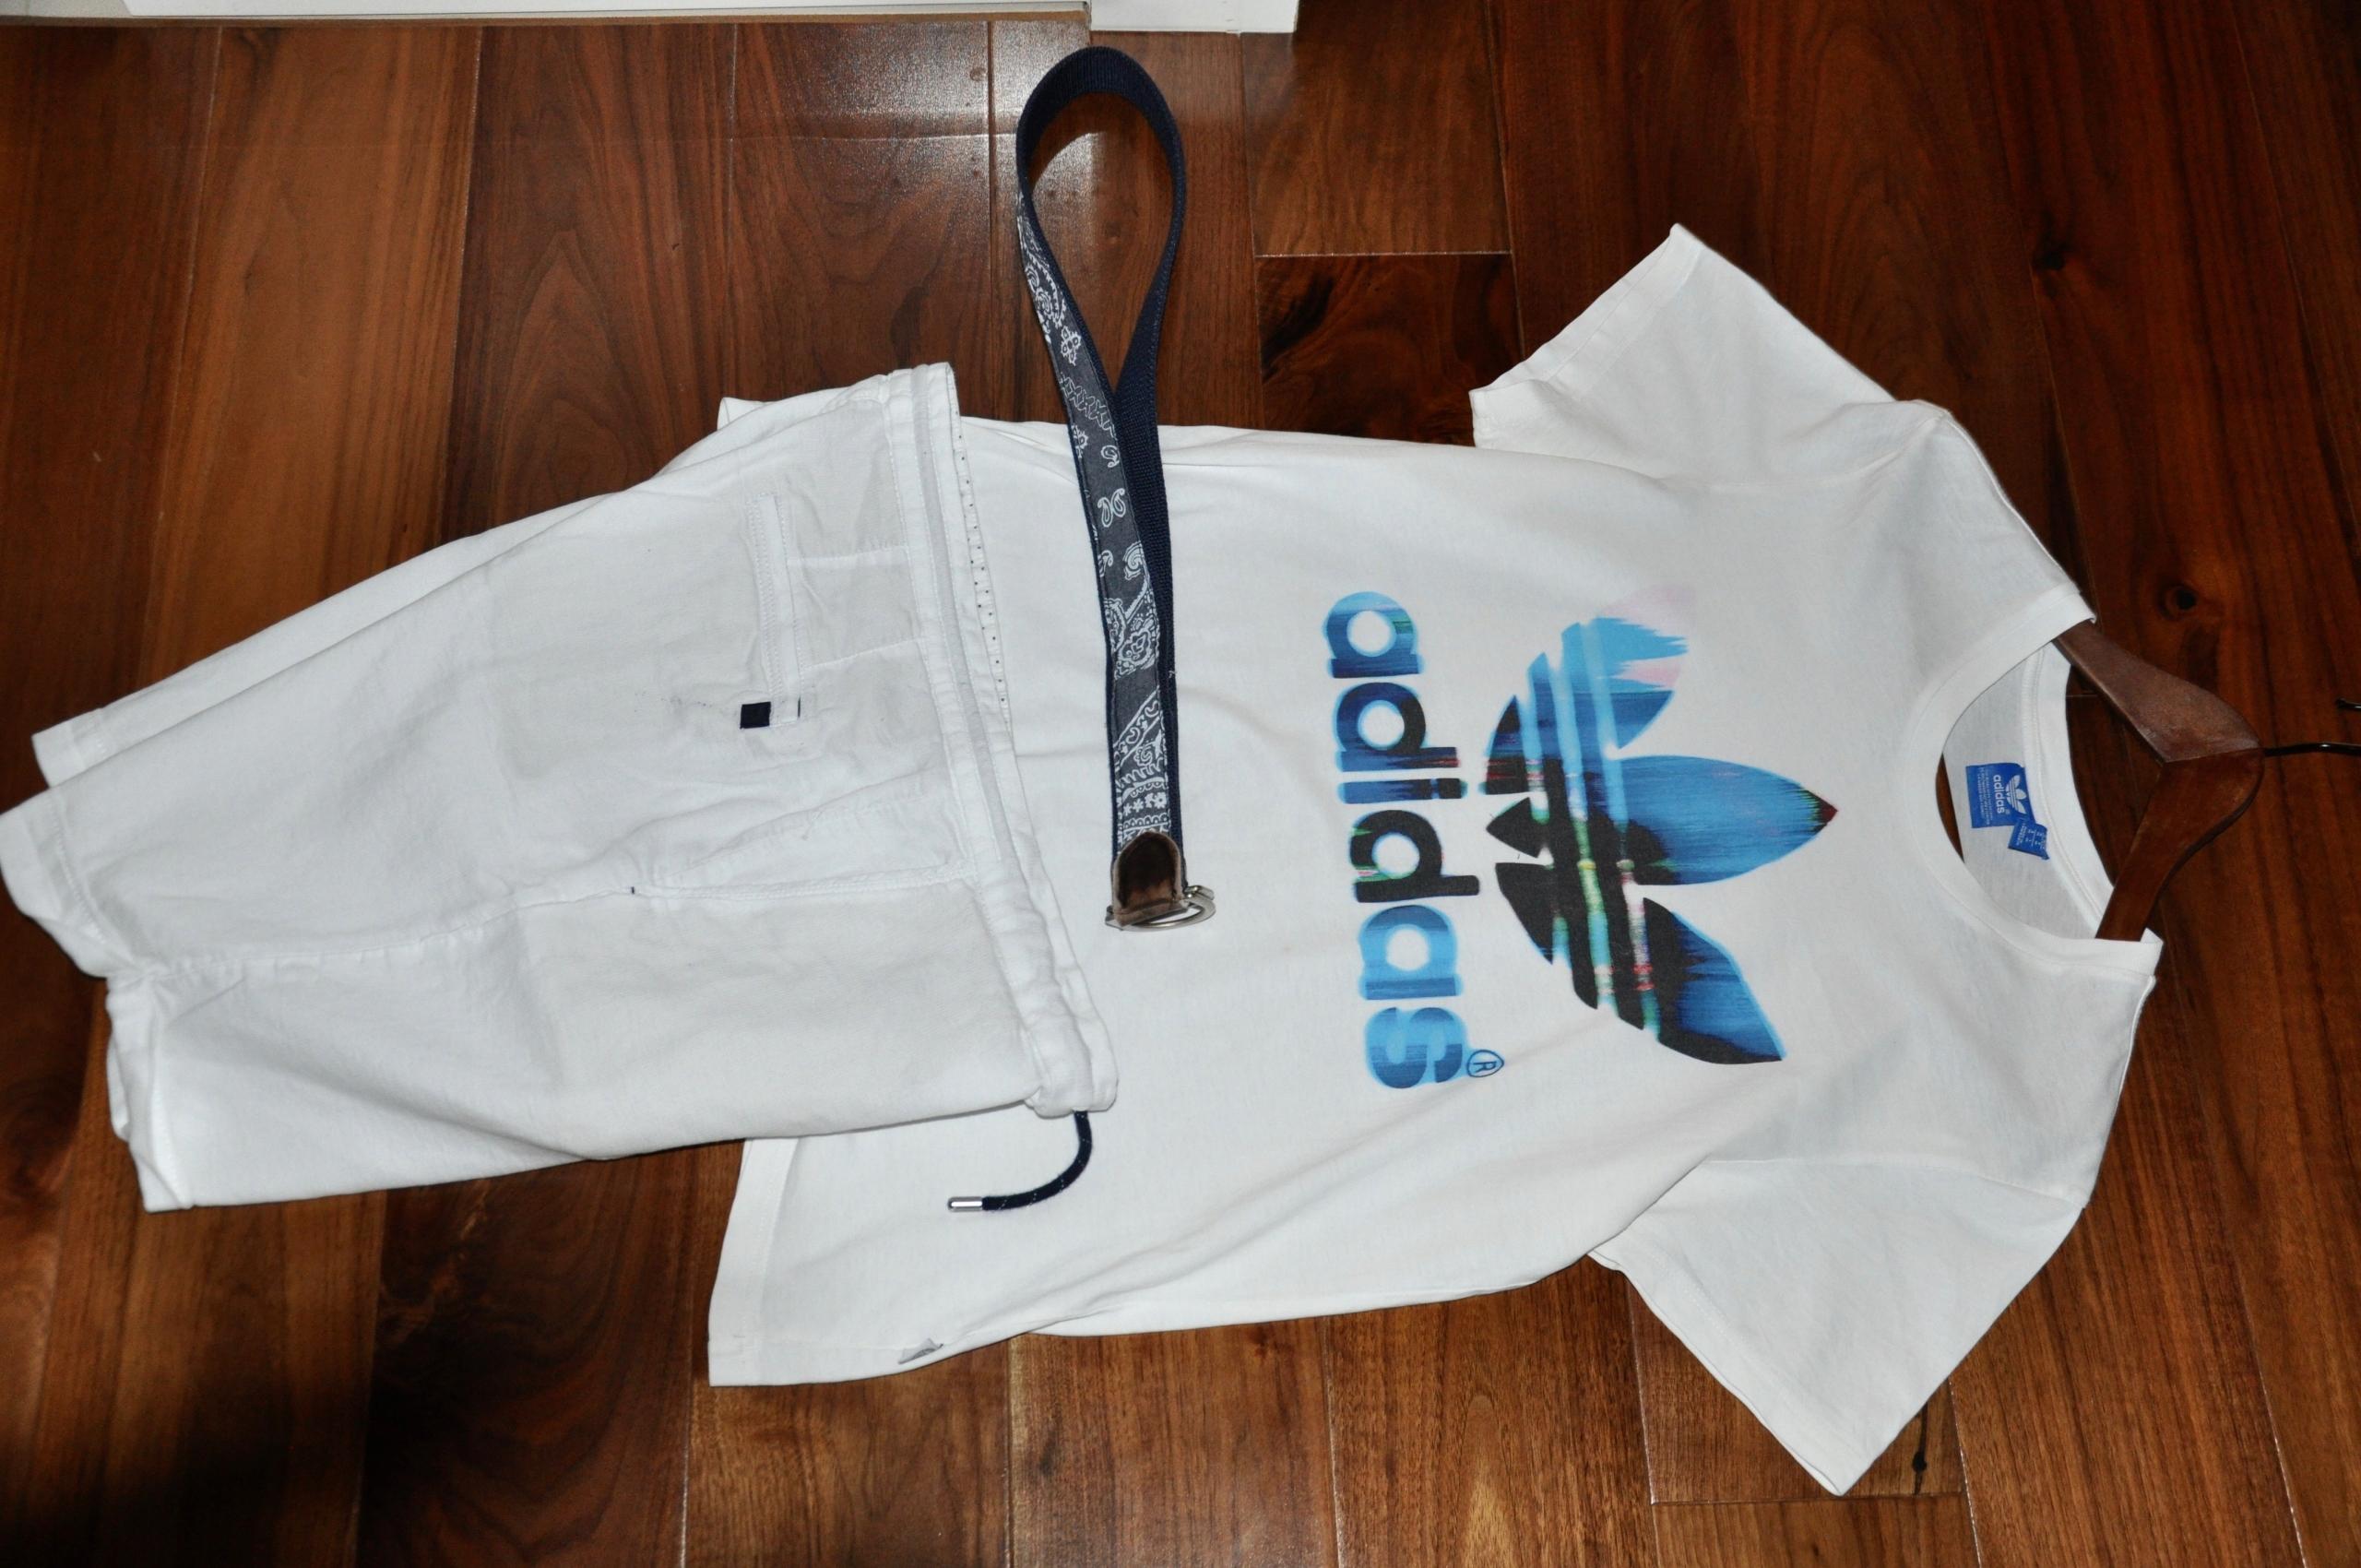 _Spodenki białe Zara + koszulka Adidas r. M/L